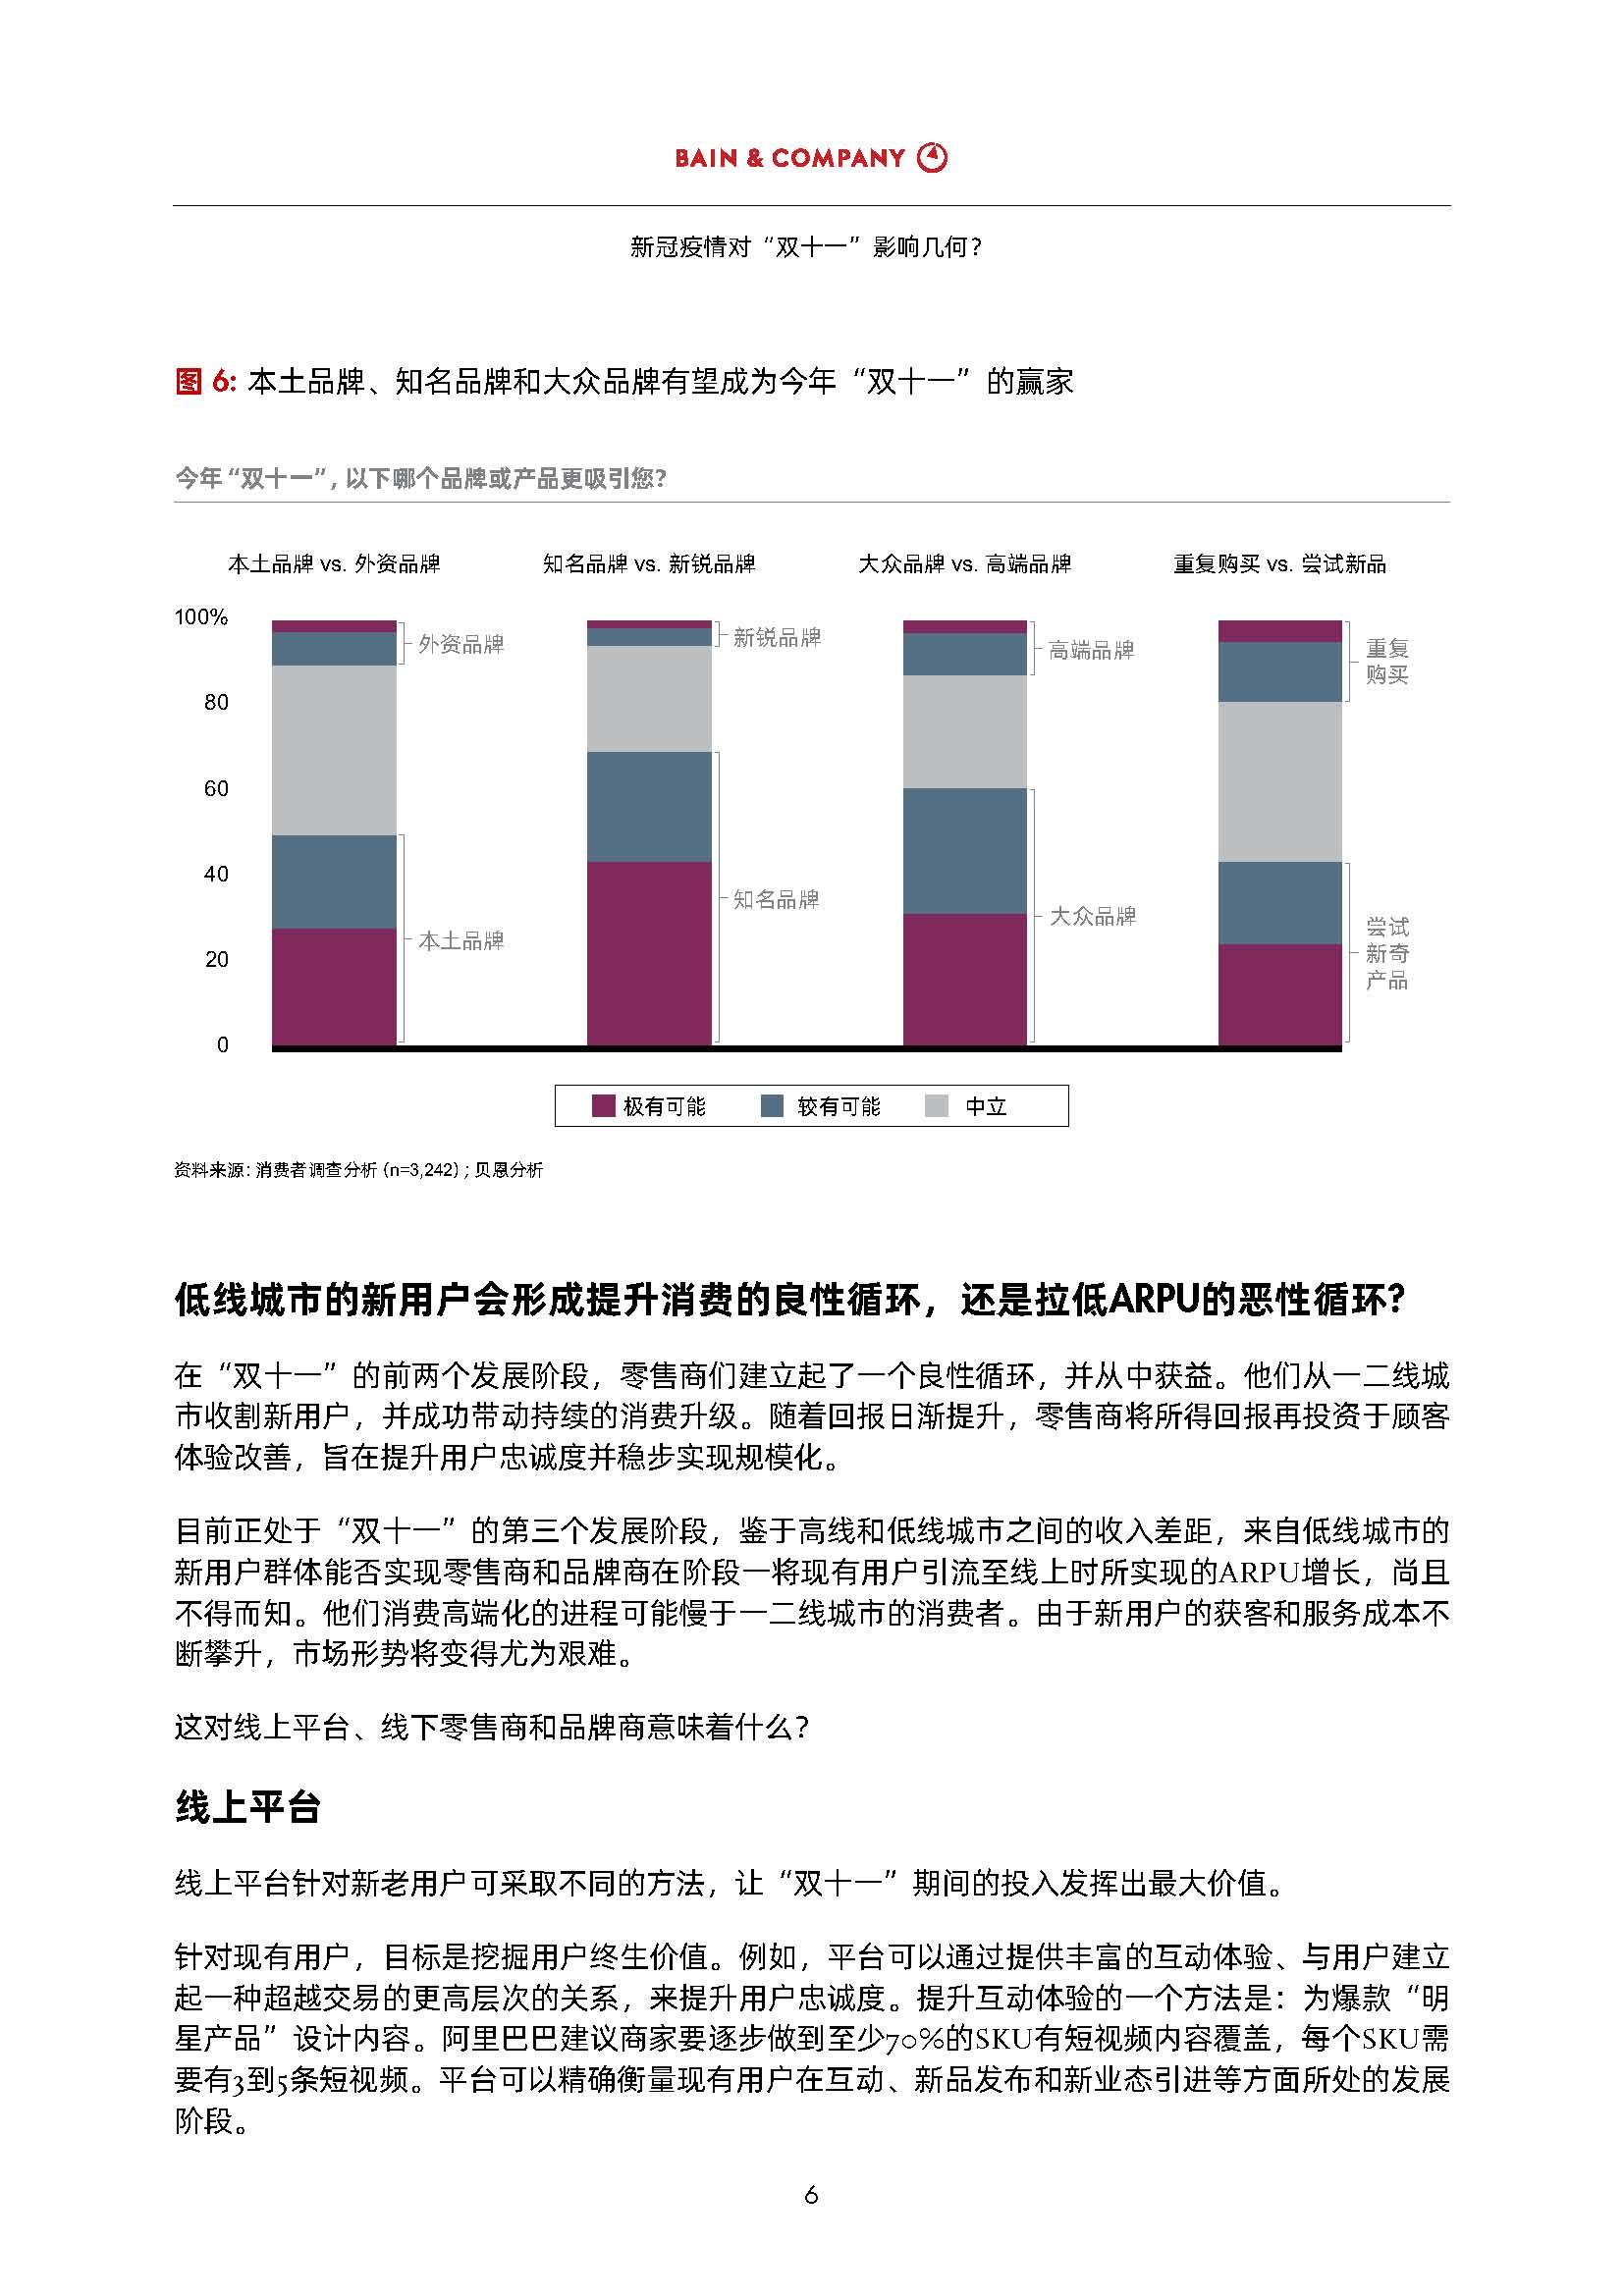 """大数据研究报告,贝恩-疫情后的首个""""双十一"""":中国零售商和品牌商的年度关键之战(中英)!"""